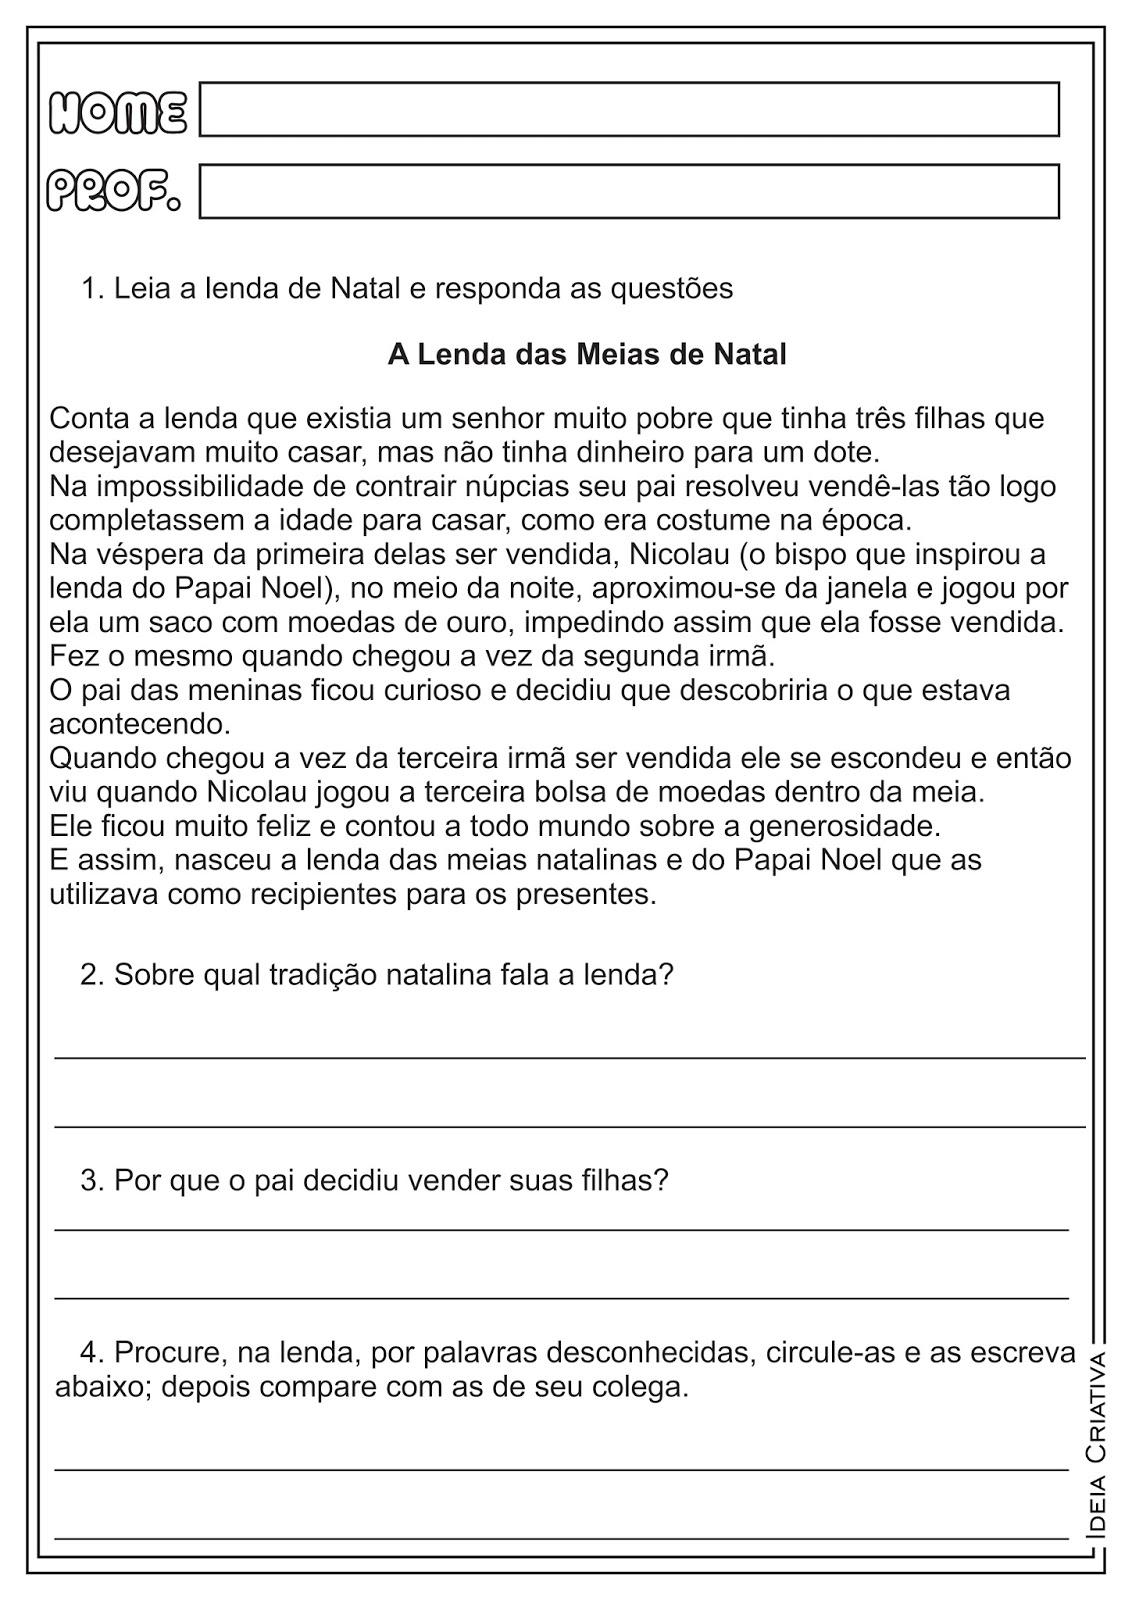 atividades-educativas-texto-e-interpretacao-natal-lendas-de-natal-interpretacao-de-texto-lenda-das-meias-de-natal-lingua-portuguesa-ideia-criativa-ensino-fundamental (1)